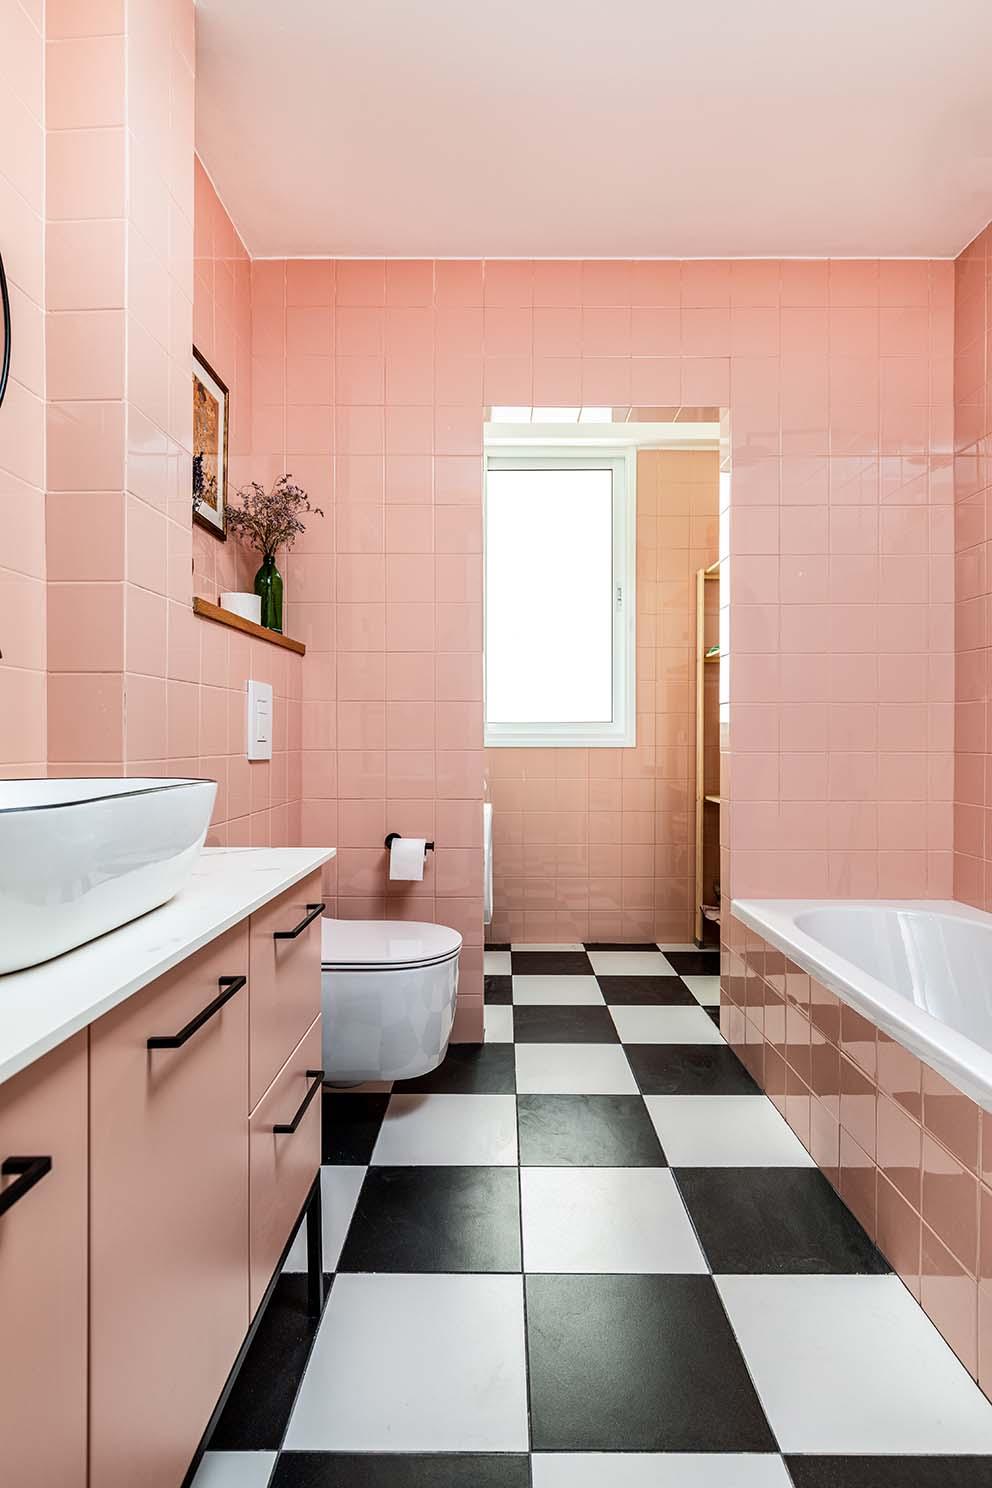 עיצוב: סטודיו דירתילי, צילום: אורית ארנון, www.pnim.co.il